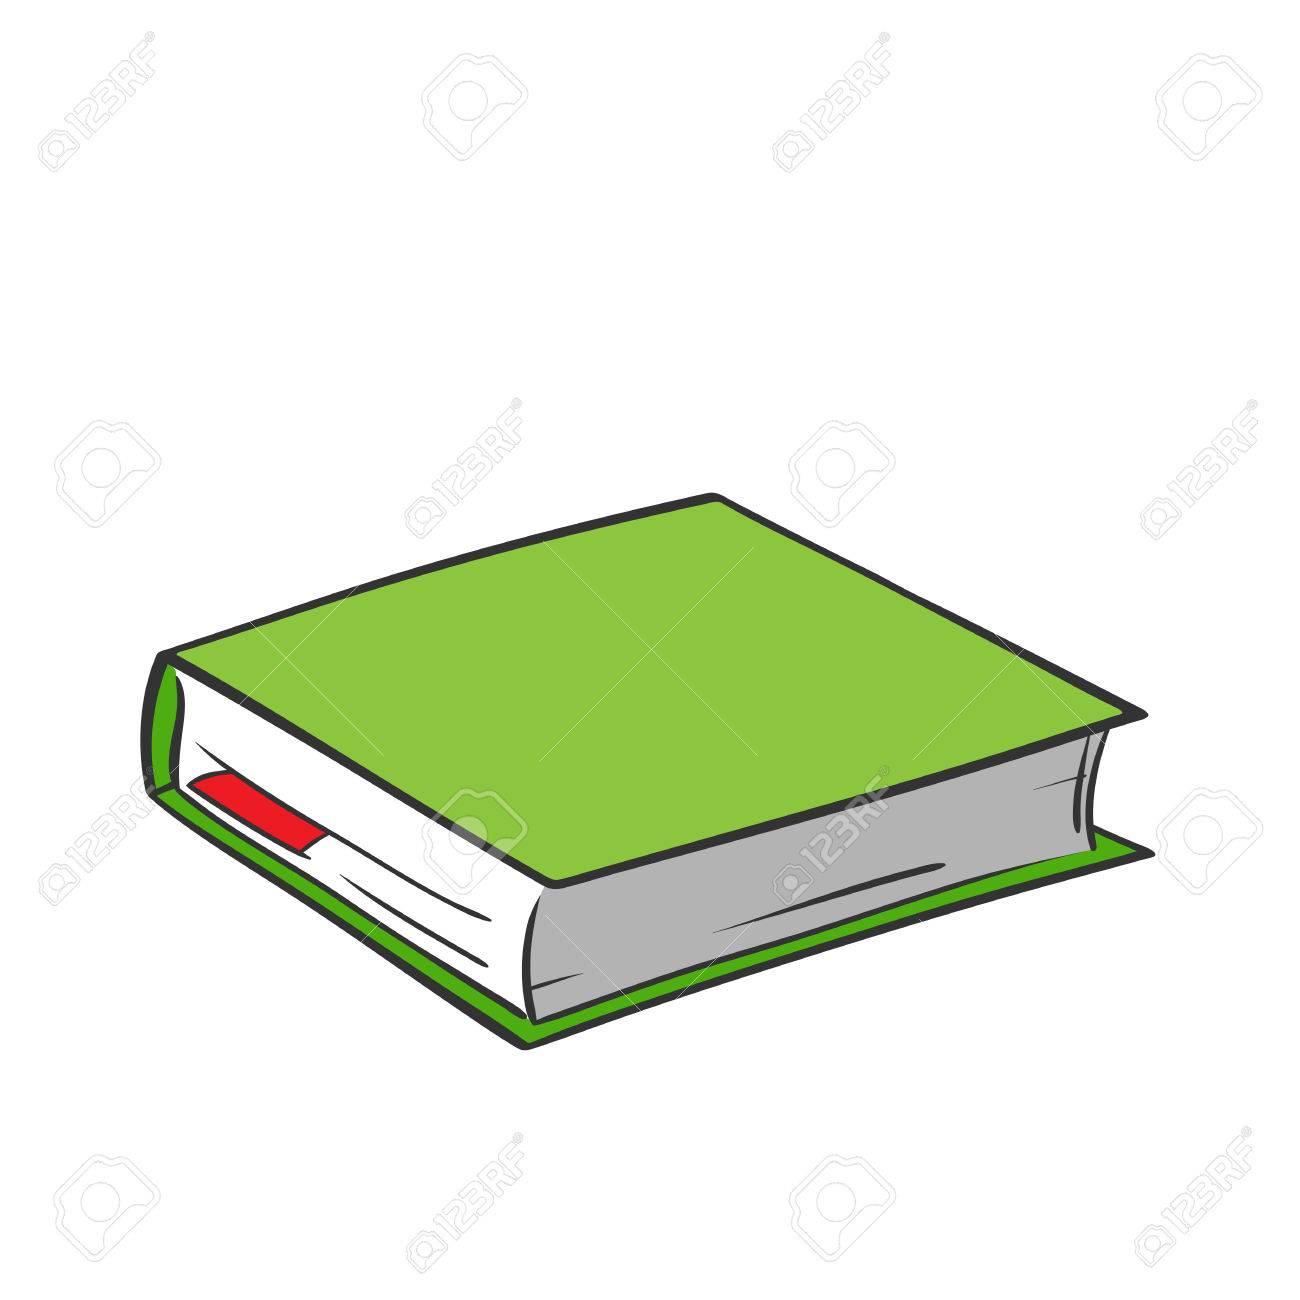 Libro Verde De Dibujos Animados Con Marcador Rojo Sobre Fondo Blanco